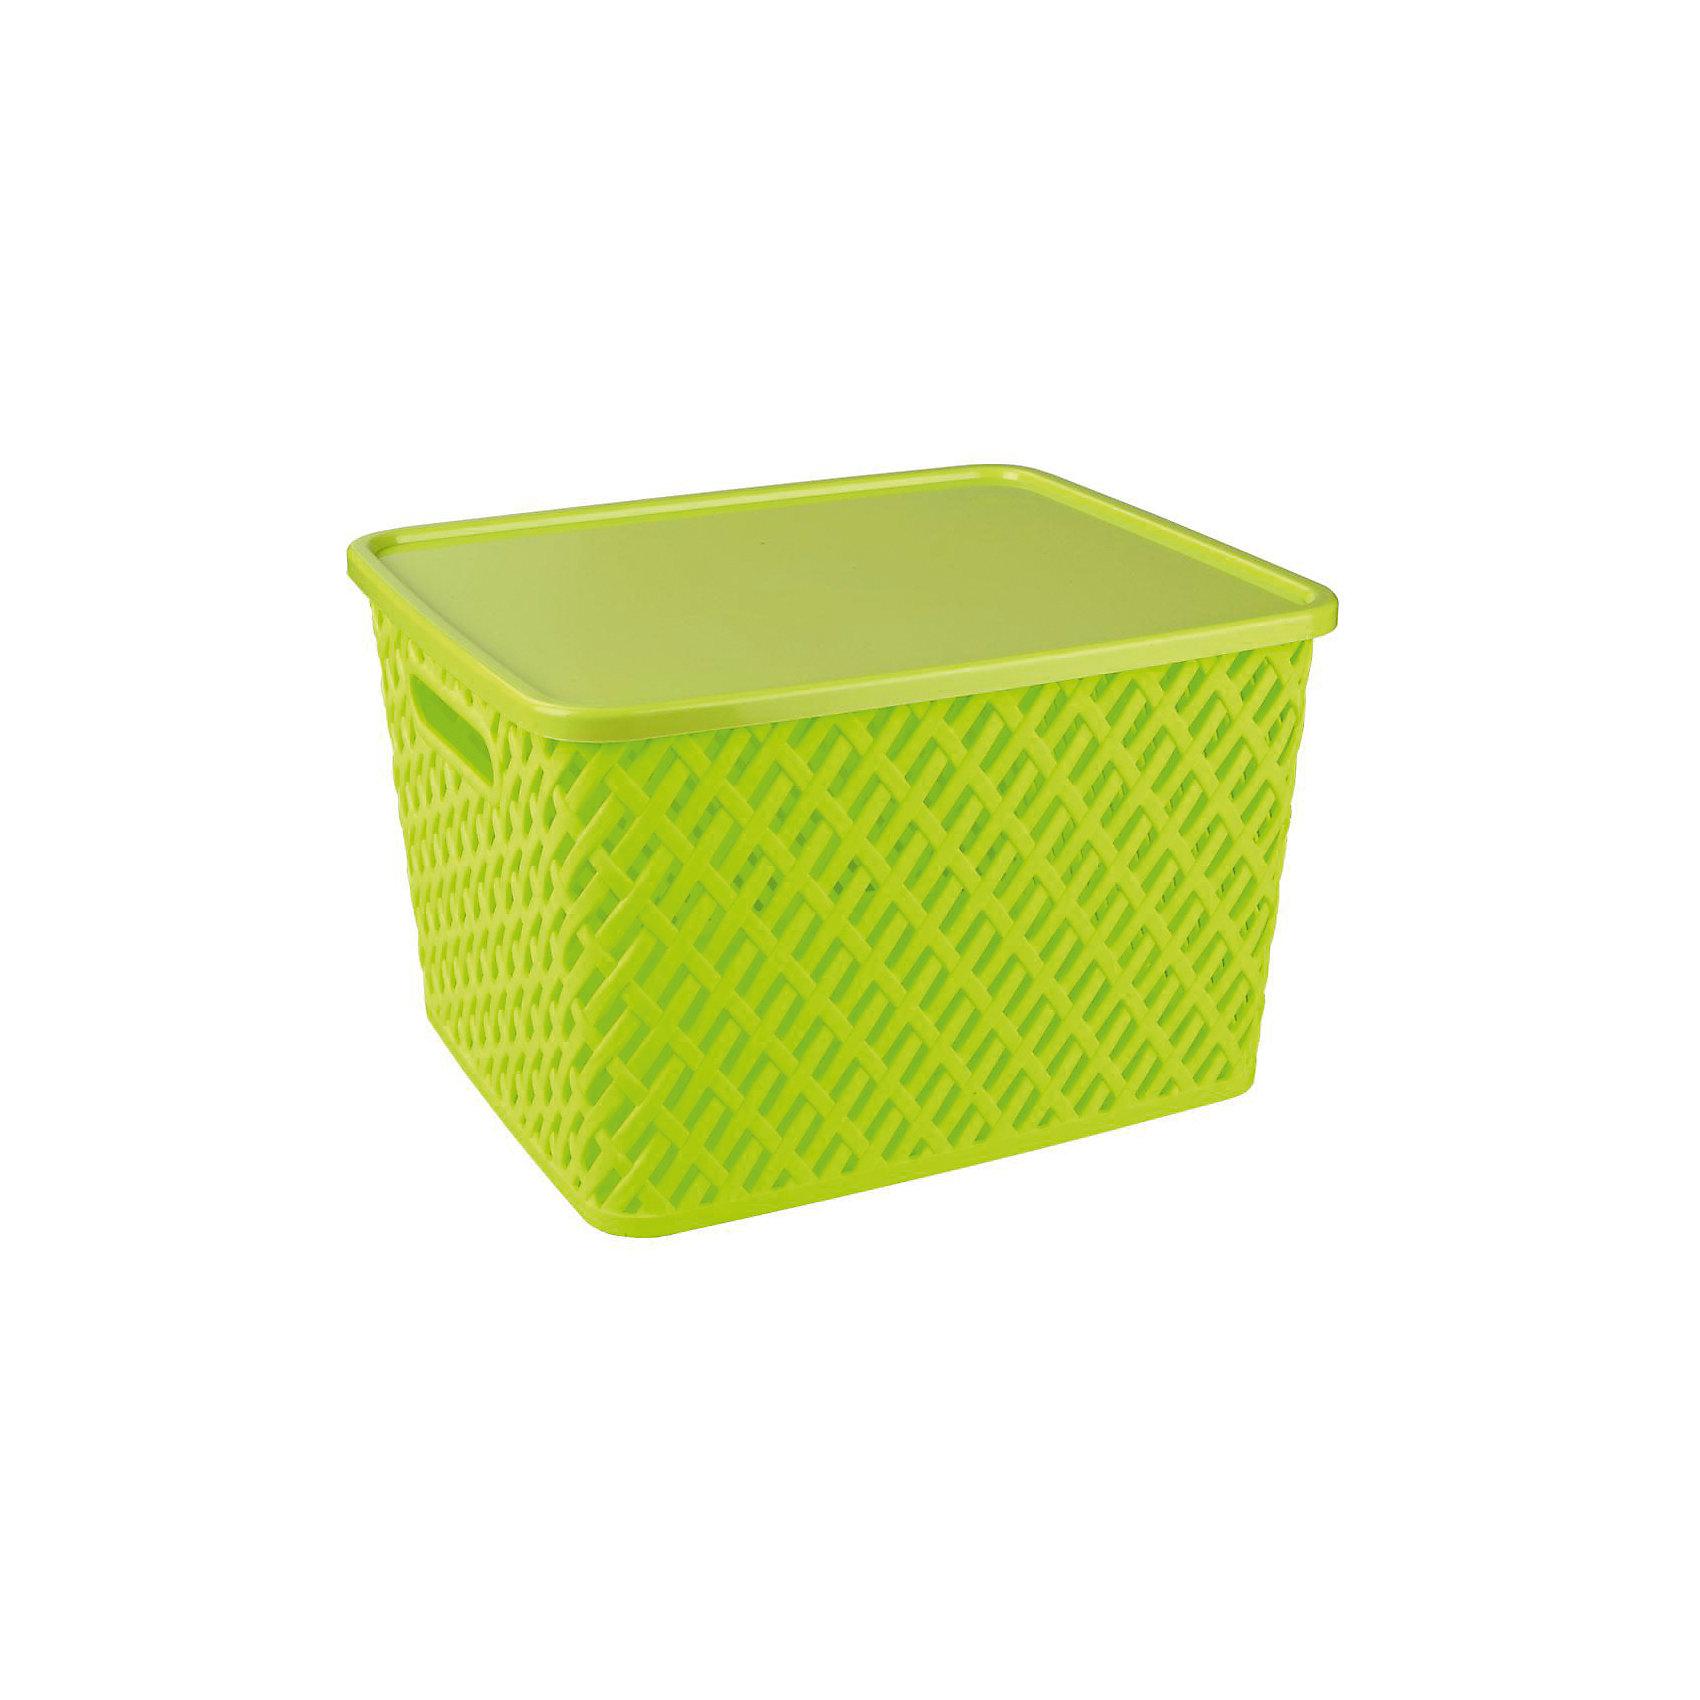 Корзина Плетенка (350х290х225)с крышкой, Alternativa, салатовыйПорядок в детской<br>Характеристики:<br><br>• Предназначение: для хозяйственных нужд<br>• Материал: пластик<br>• Цвет: салатовый<br>• Размер (Д*Ш*В): 35*29*22,5 см<br>• Форма: прямоугольный<br>• Наличие крышки<br>• Особенности ухода: разрешается мыть теплой водой<br><br>Корзина Плетенка (350х290х175) с крышкой, Alternativa, салатовый изготовлена отечественным производителем ООО ЗПИ Альтернатива, который специализируется на выпуске широкого спектра изделий из пластика. Контейнер выполнен из экологически безопасного пластика, устойчивого к механическим повреждениям, корпус оформлен имитацией плетения из лозы с крупными отверстиями, по бокам имеются ручки, в комплекте предусмотрена крышка. Изделие имеет удобную форму, достаточно легкое в уходе. Корзину Плетенка (350х290х175) с крышкой, Alternativa, салатовую можно использовать для хранения белья, игрушек, овощей и многих других целей.<br><br>Корзину Плетенка (350х290х175) с крышкой, Alternativa, салатовую можно купить в нашем интернет-магазине.<br><br>Ширина мм: 355<br>Глубина мм: 305<br>Высота мм: 225<br>Вес г: 676<br>Возраст от месяцев: 6<br>Возраст до месяцев: 84<br>Пол: Унисекс<br>Возраст: Детский<br>SKU: 5096604